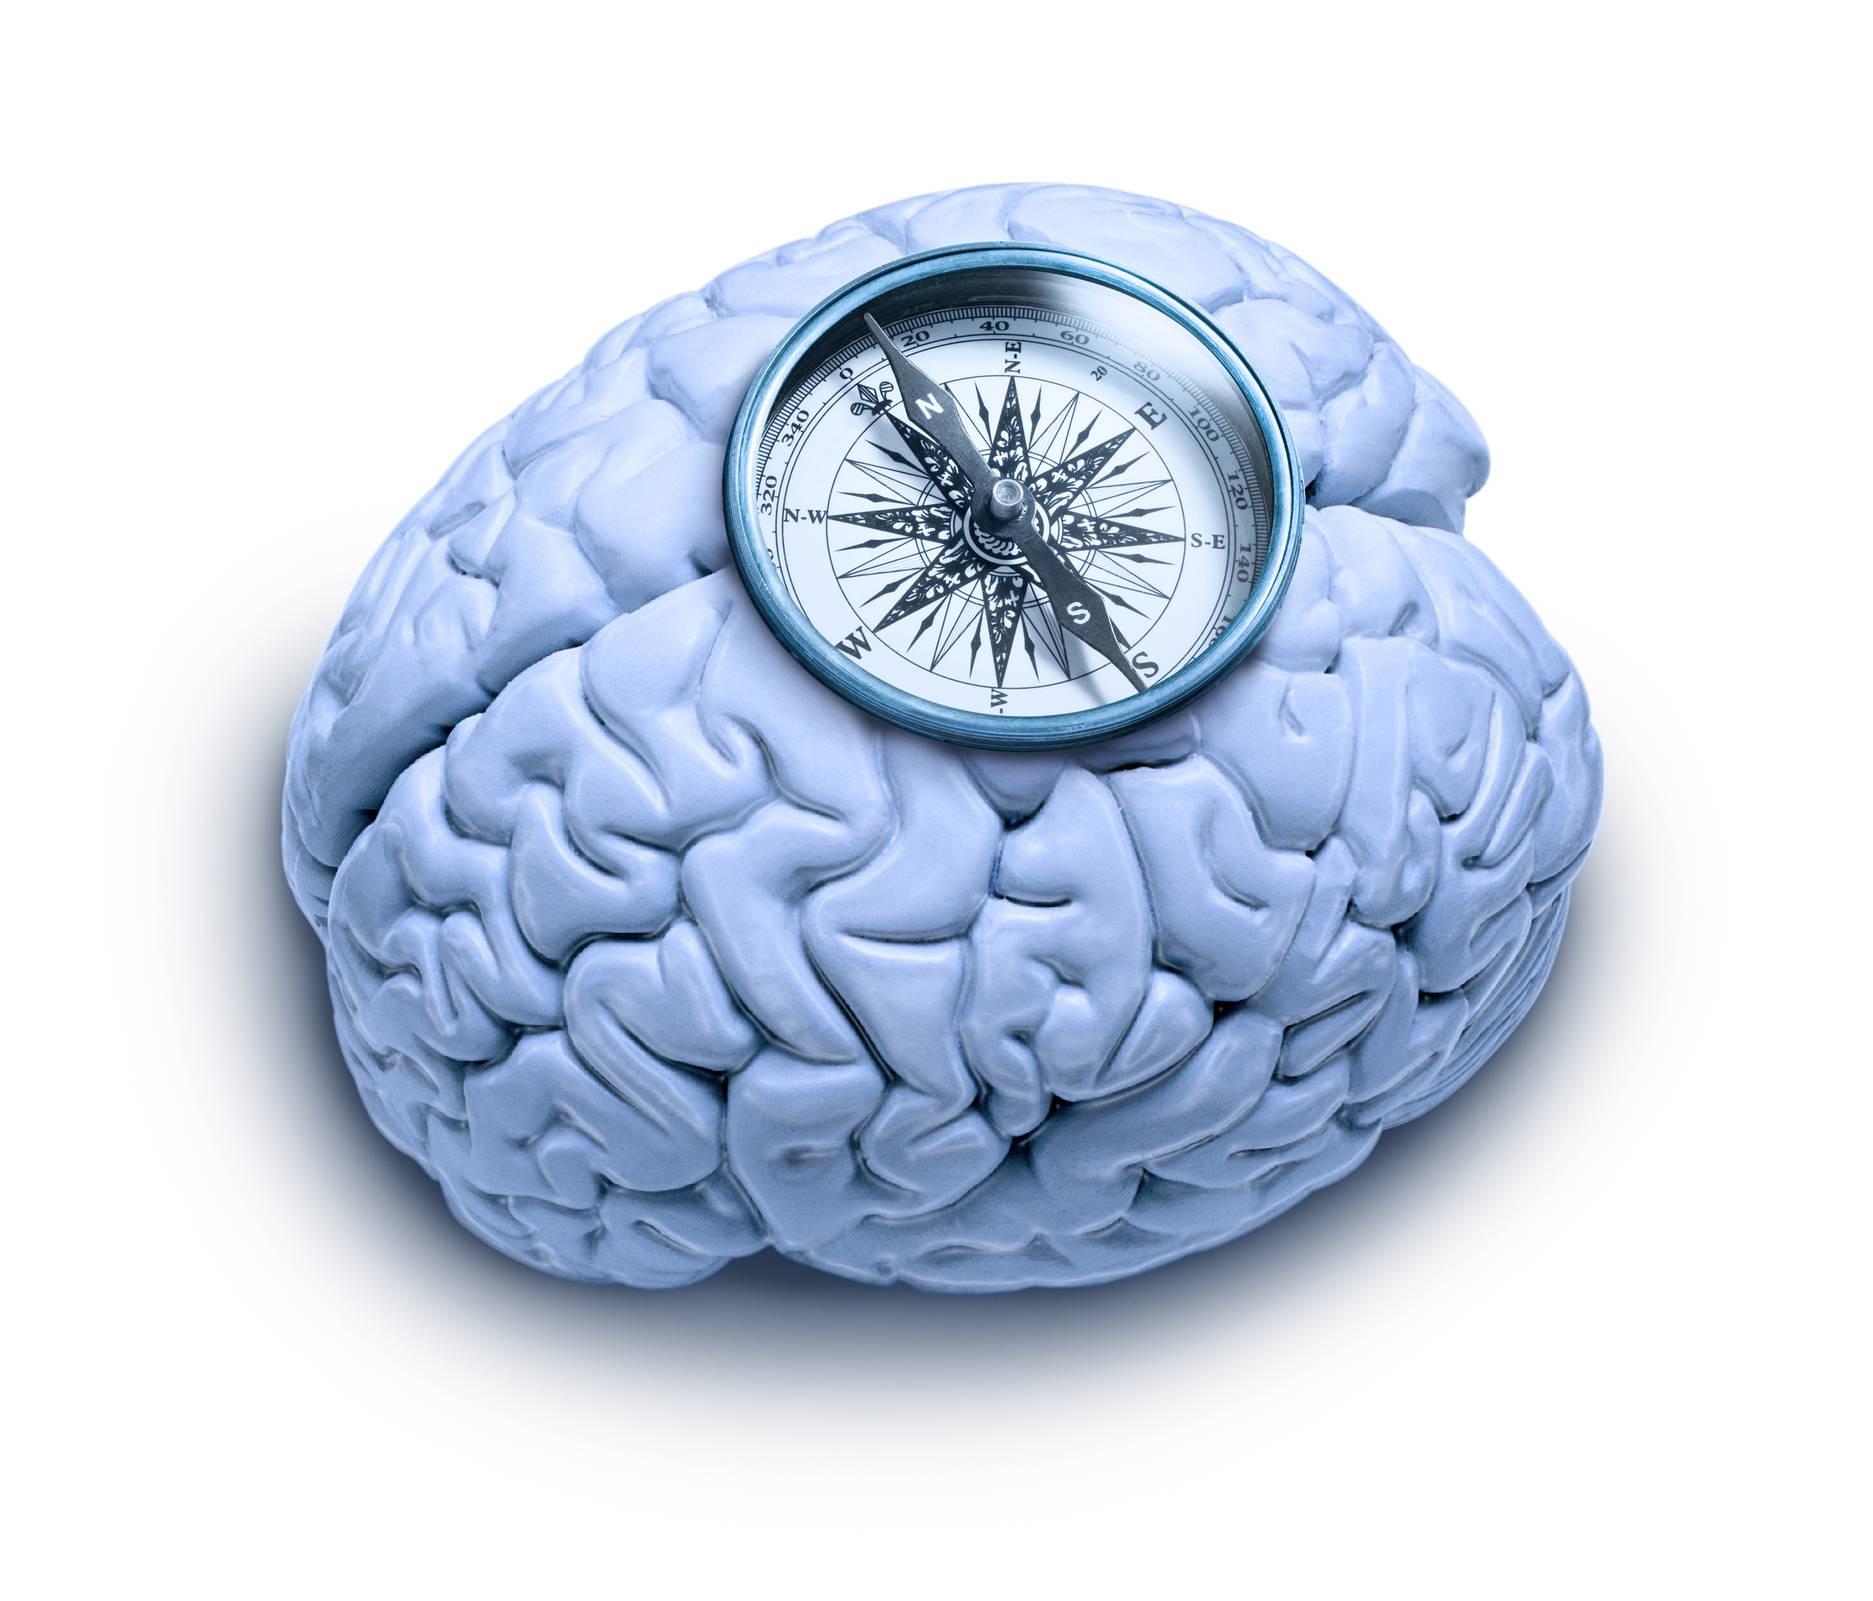 Visoki tlak u tridesetima može biti rizičan za mozak, pazite se